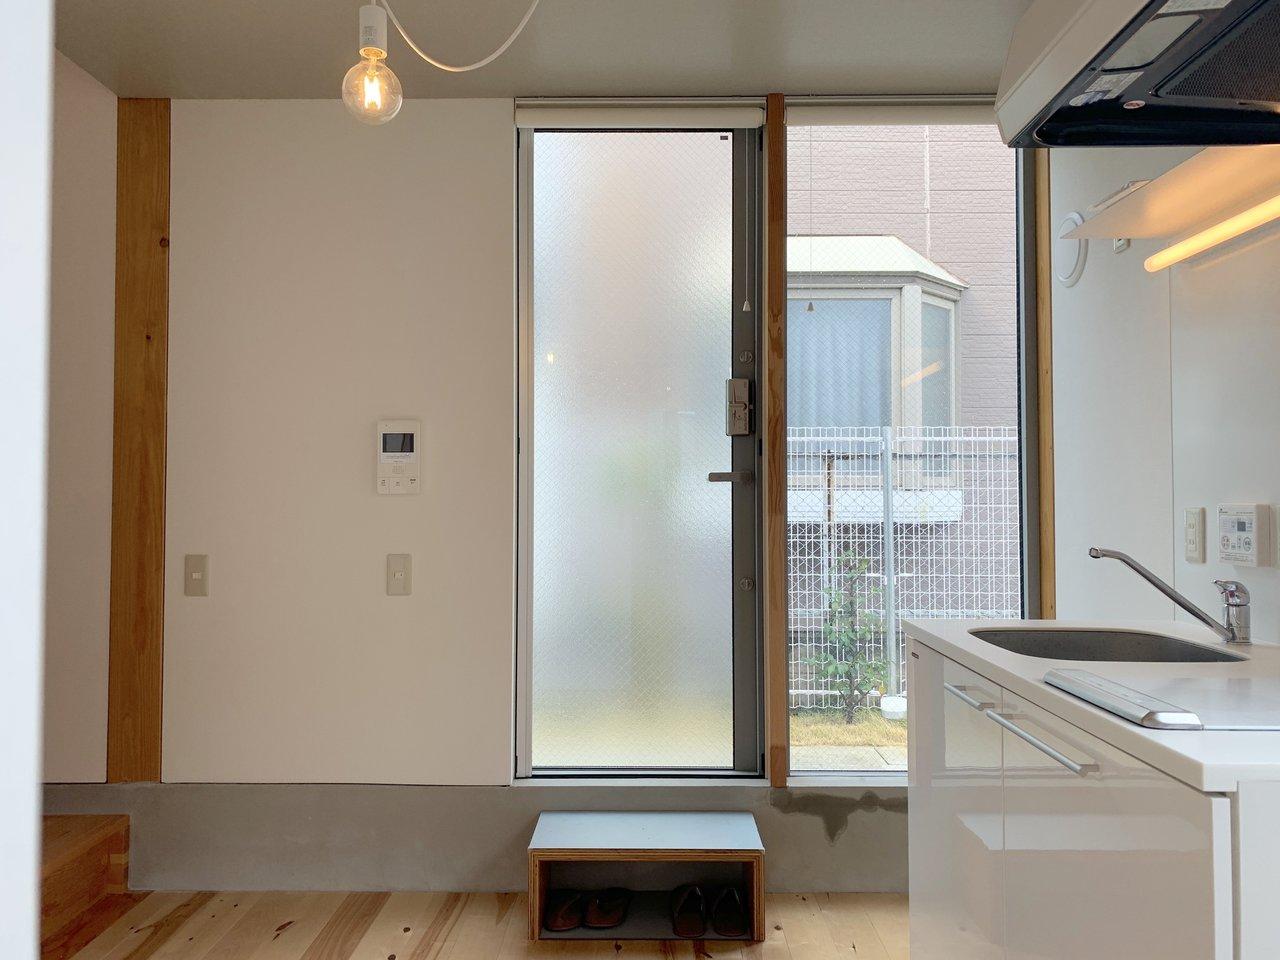 まずは1階。キッチンやバスルームなどの水回りはすべて集約されています。ダイニングテーブルを置いてここで食事をするイメージですね。